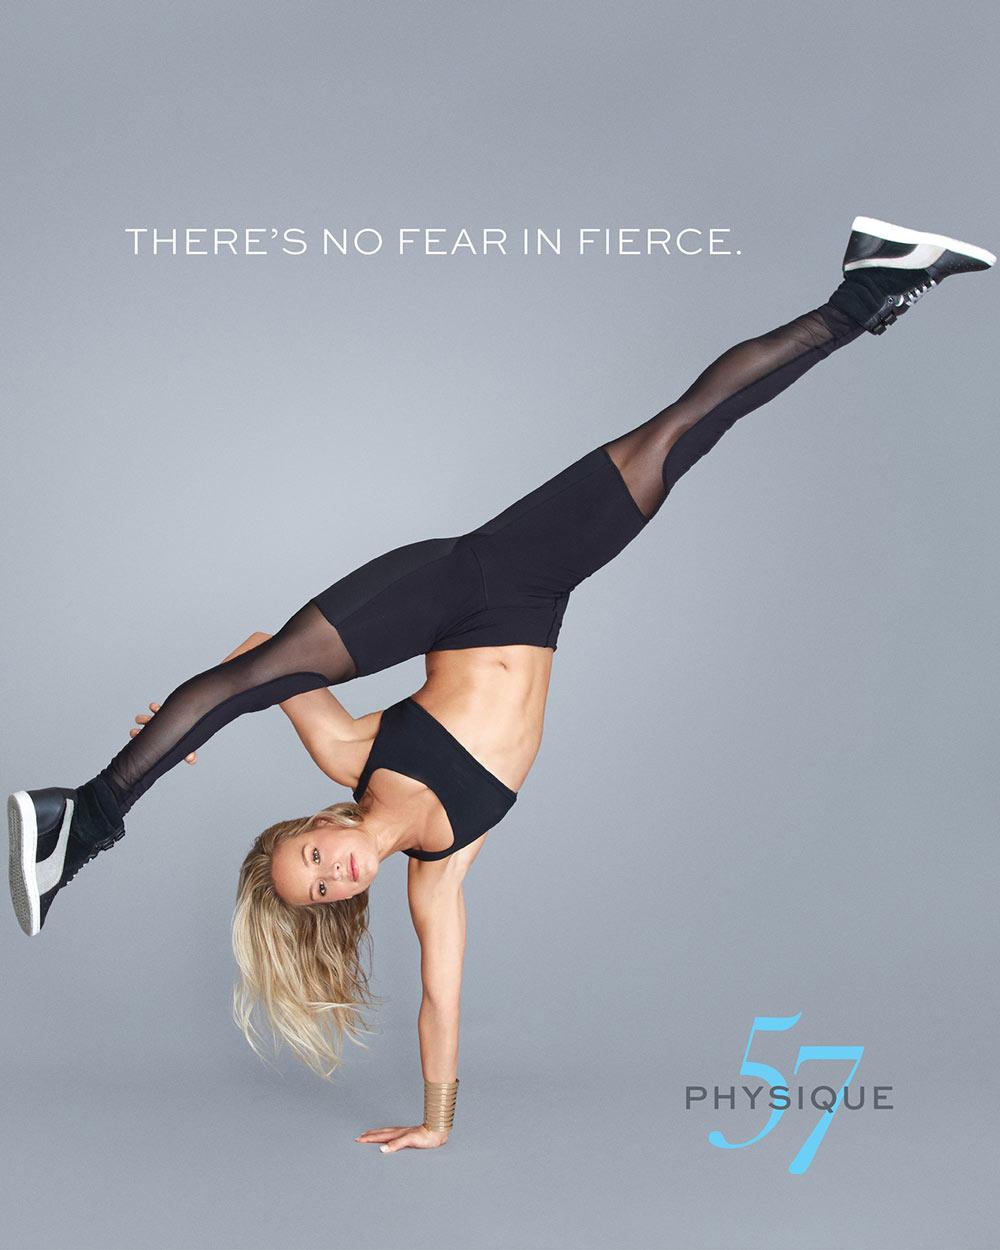 branding_physique57_fierce.jpg